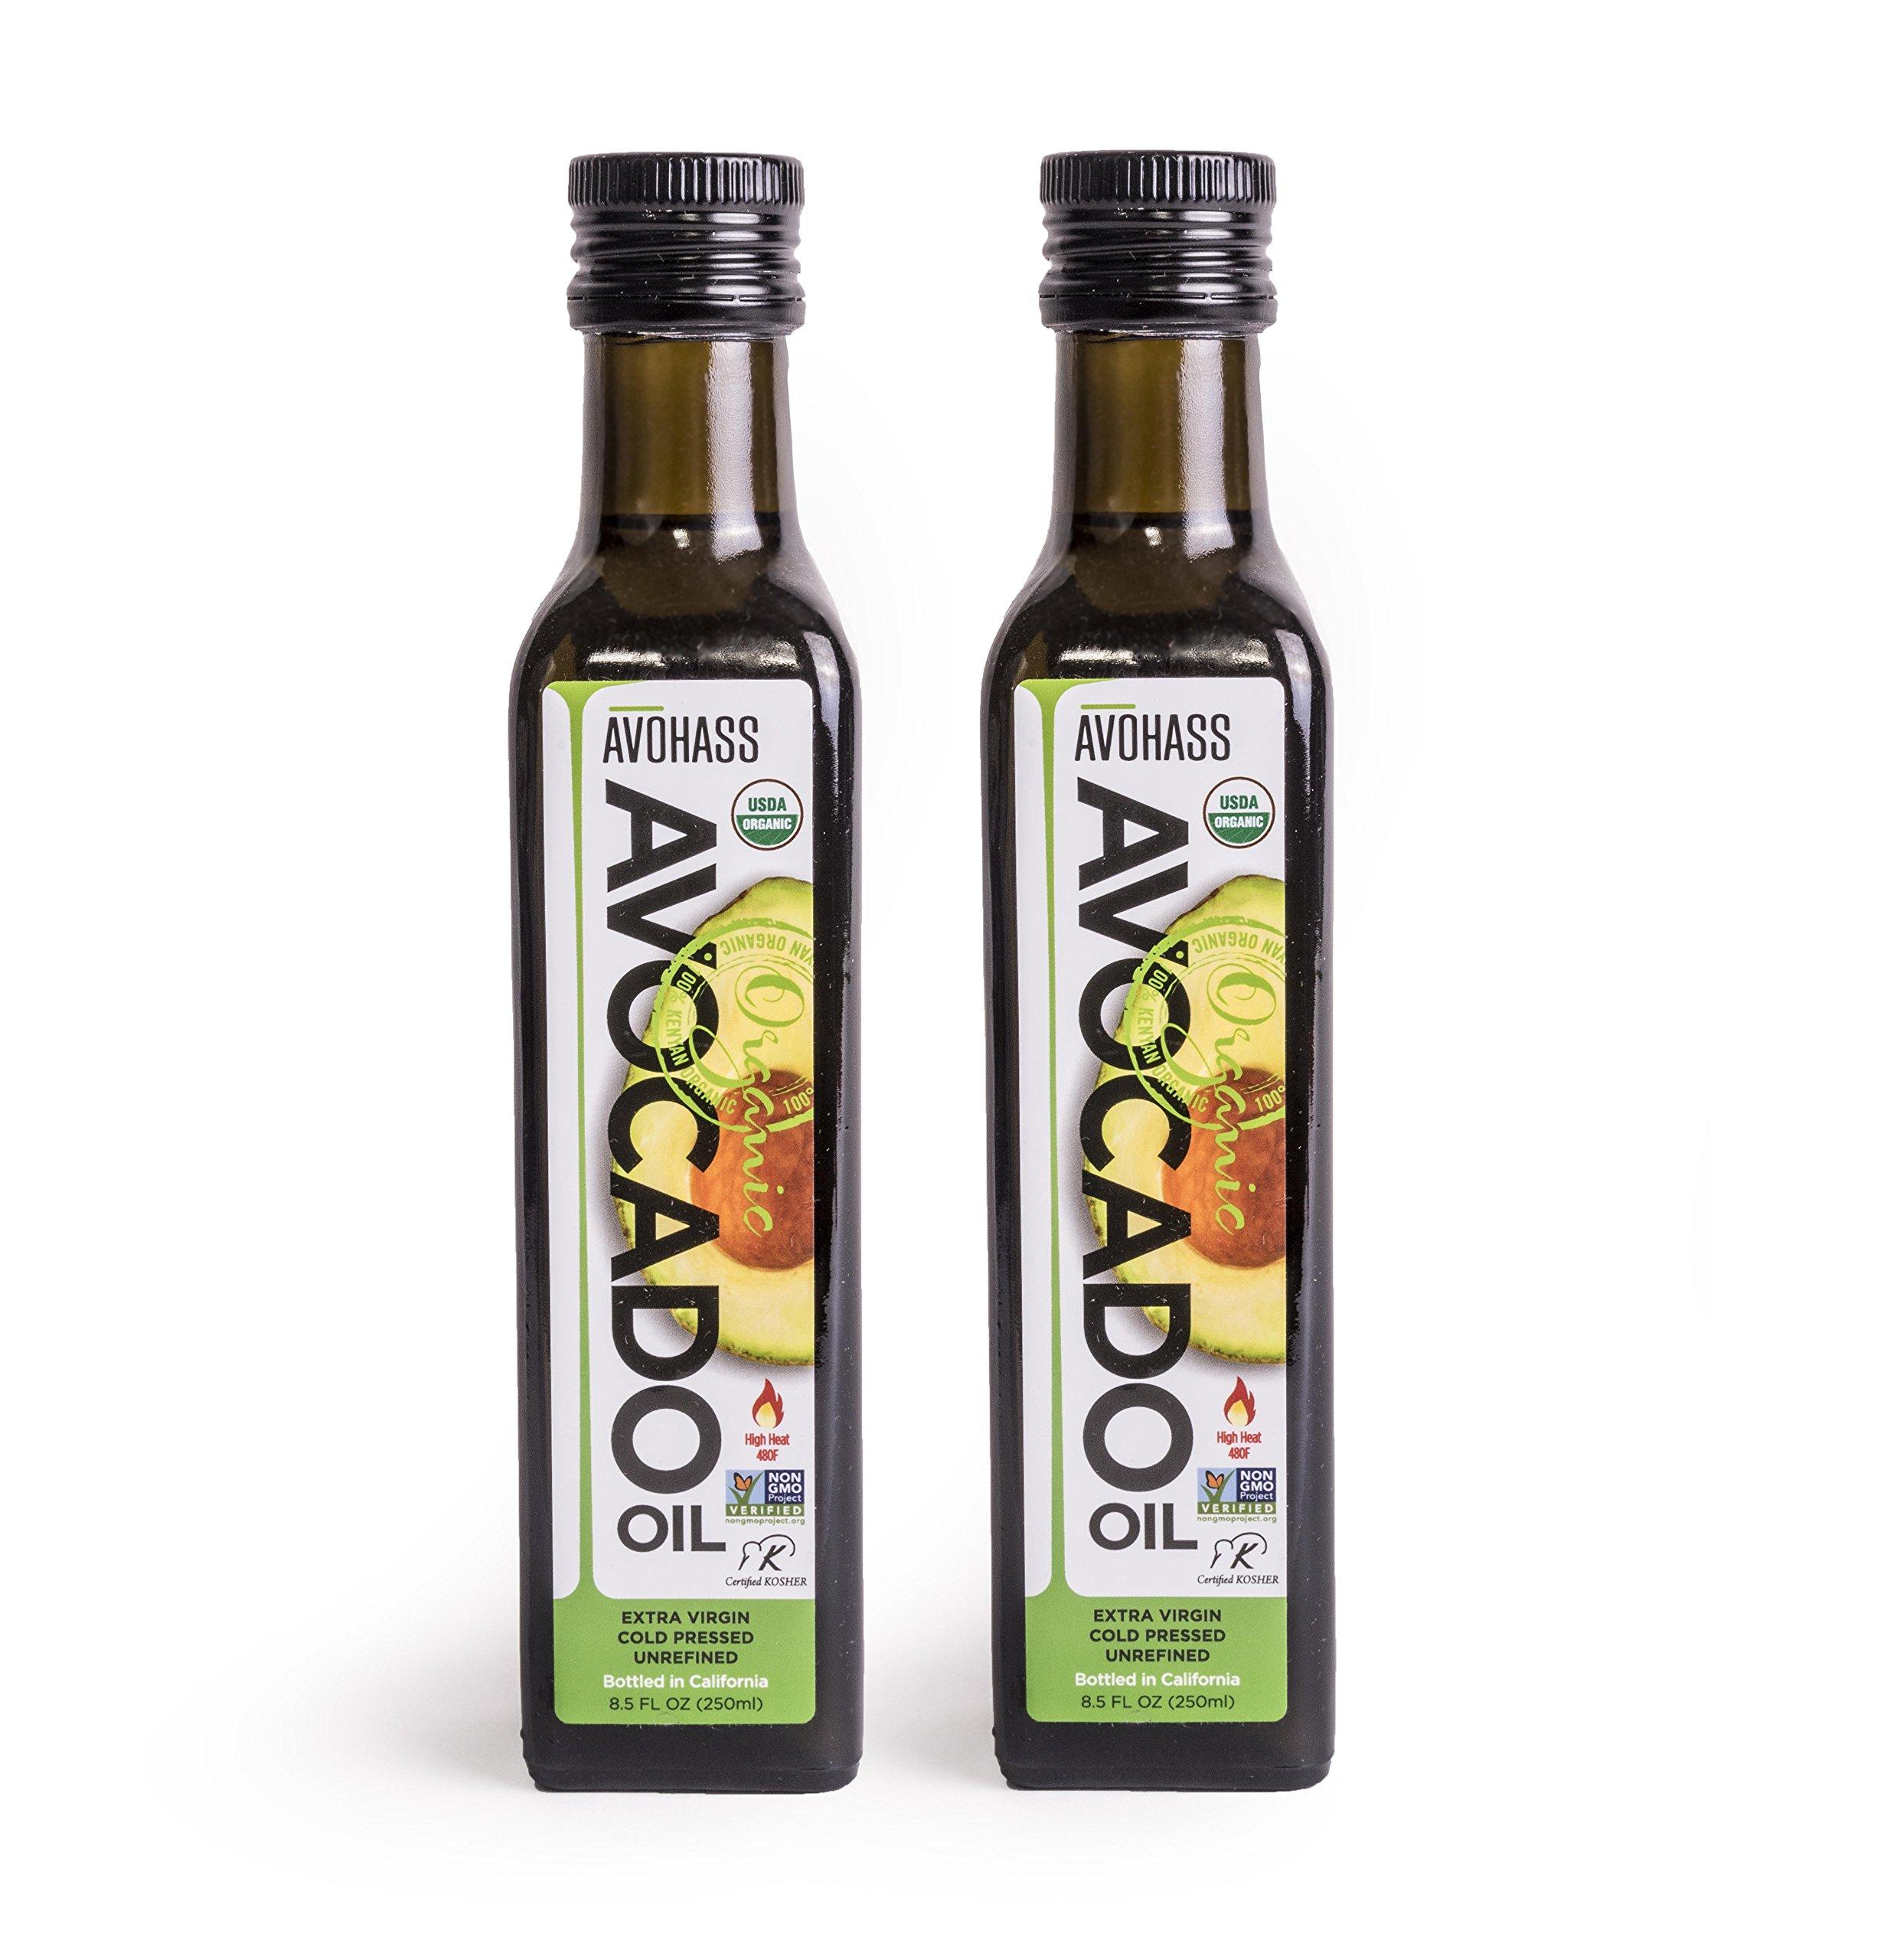 Avohass California Organic Extra Virgin Avocado Oil 2 Bottle Case